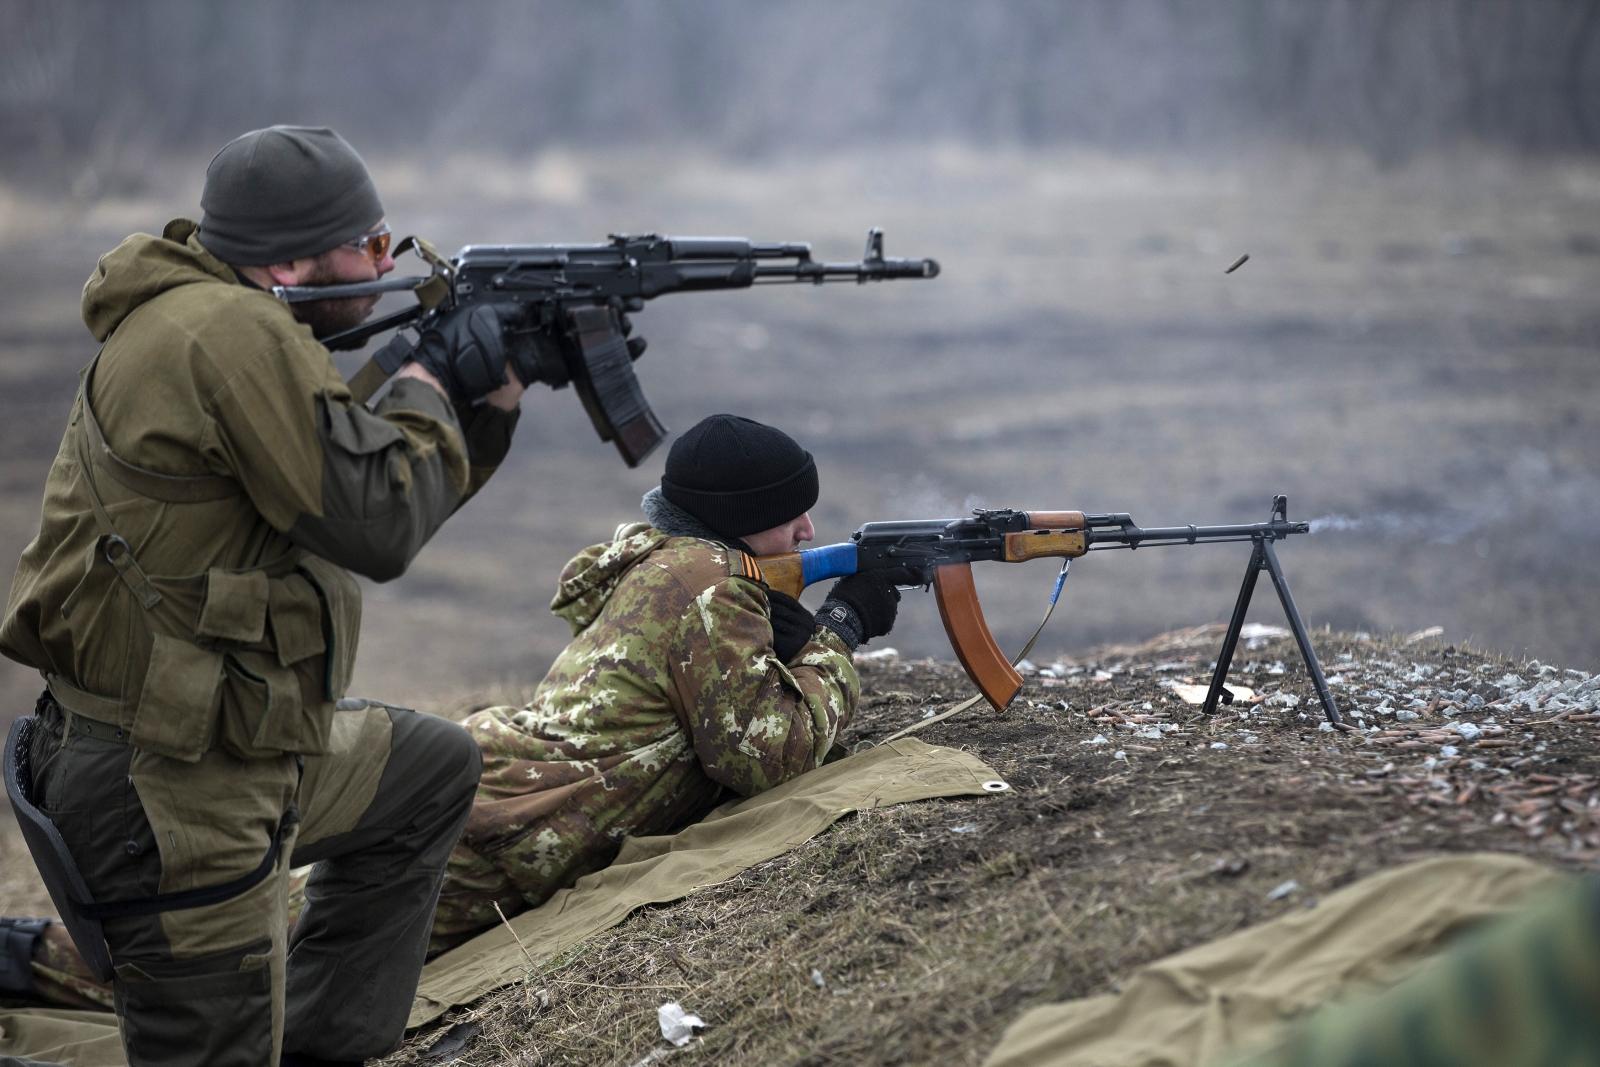 Ukraine pro-Russian rebels